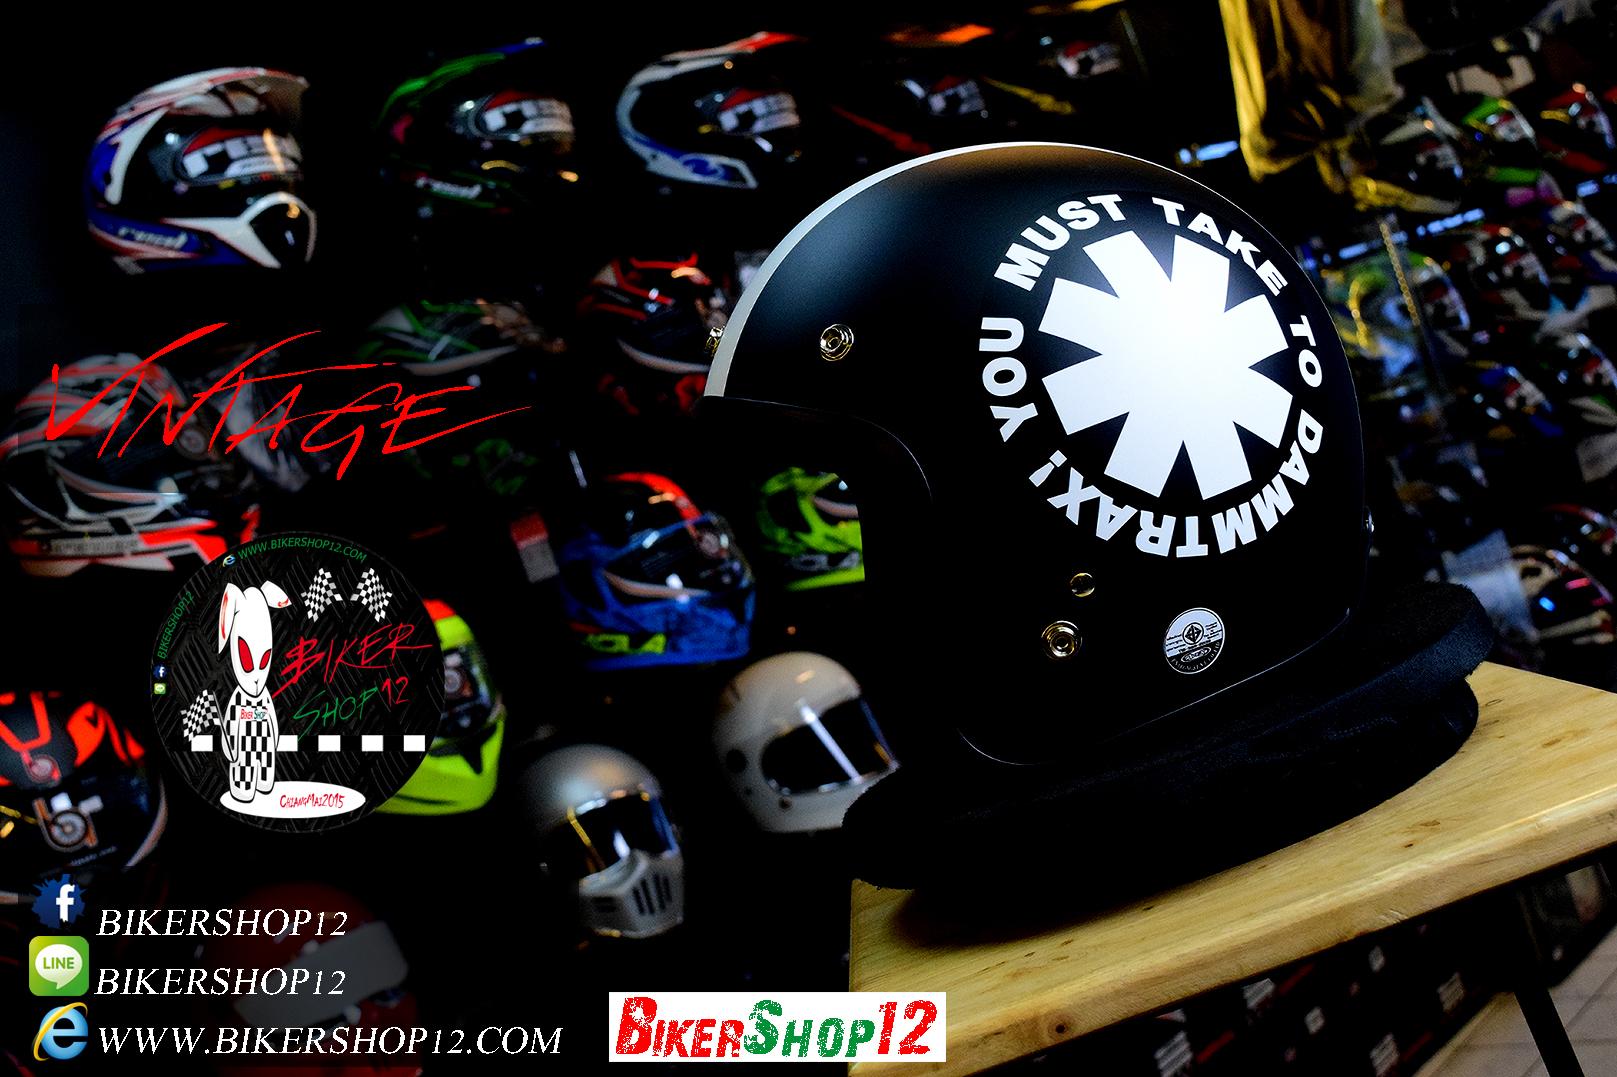 หมวกกันน็อคคลาสสิก 5เป๊ก สีดำด้านลายขาว (LB Speed Wheel) สำเนา